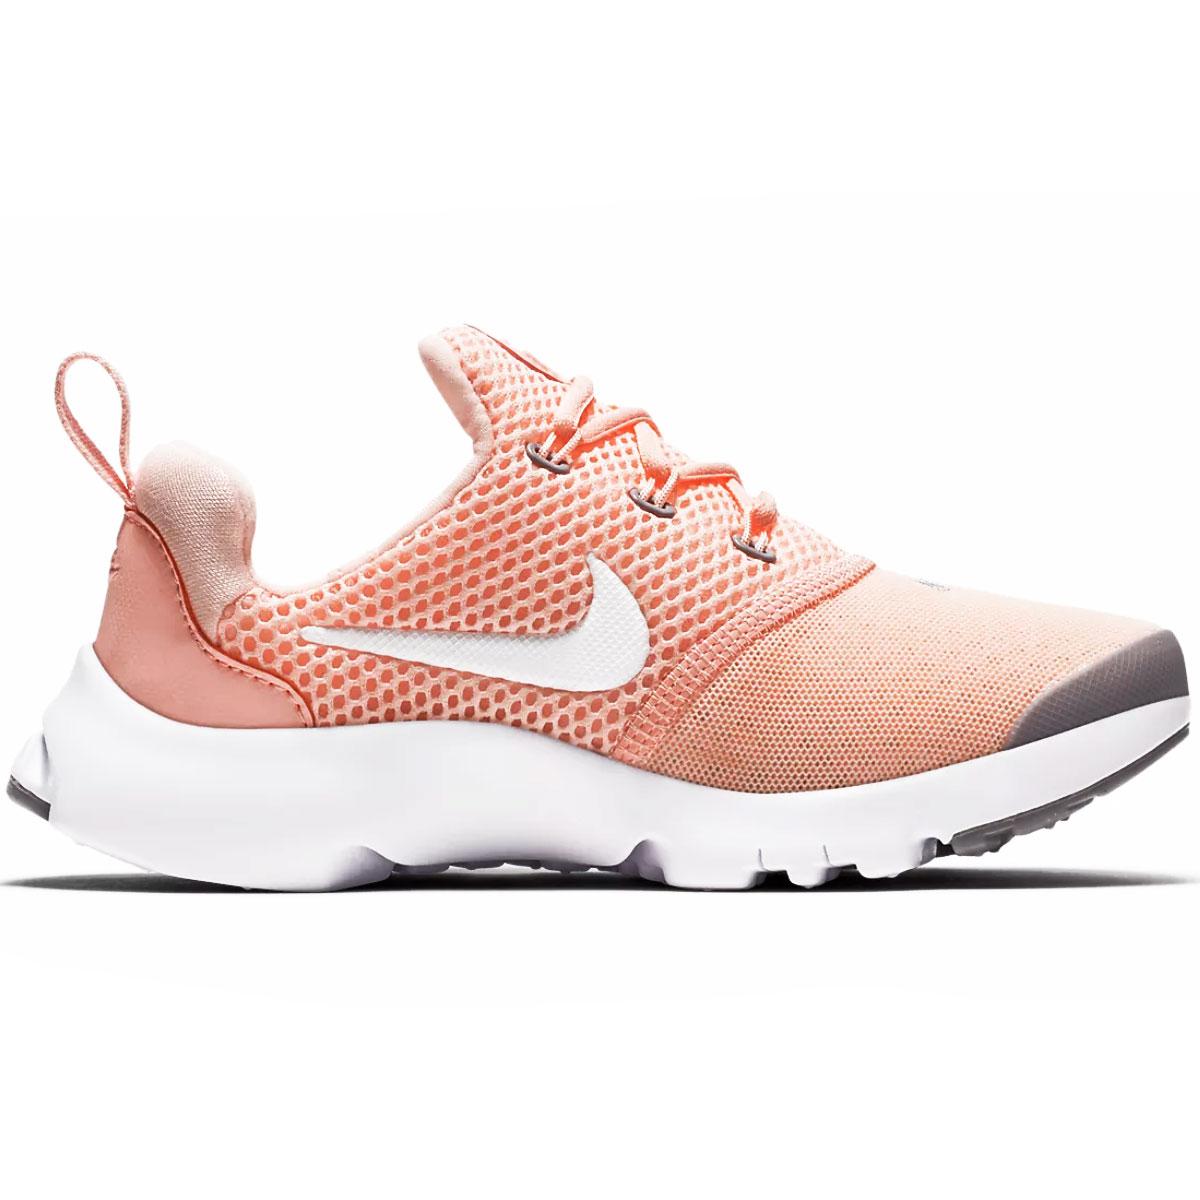 Nike Presto Fly PS Sneaker crimson tint 917956 800